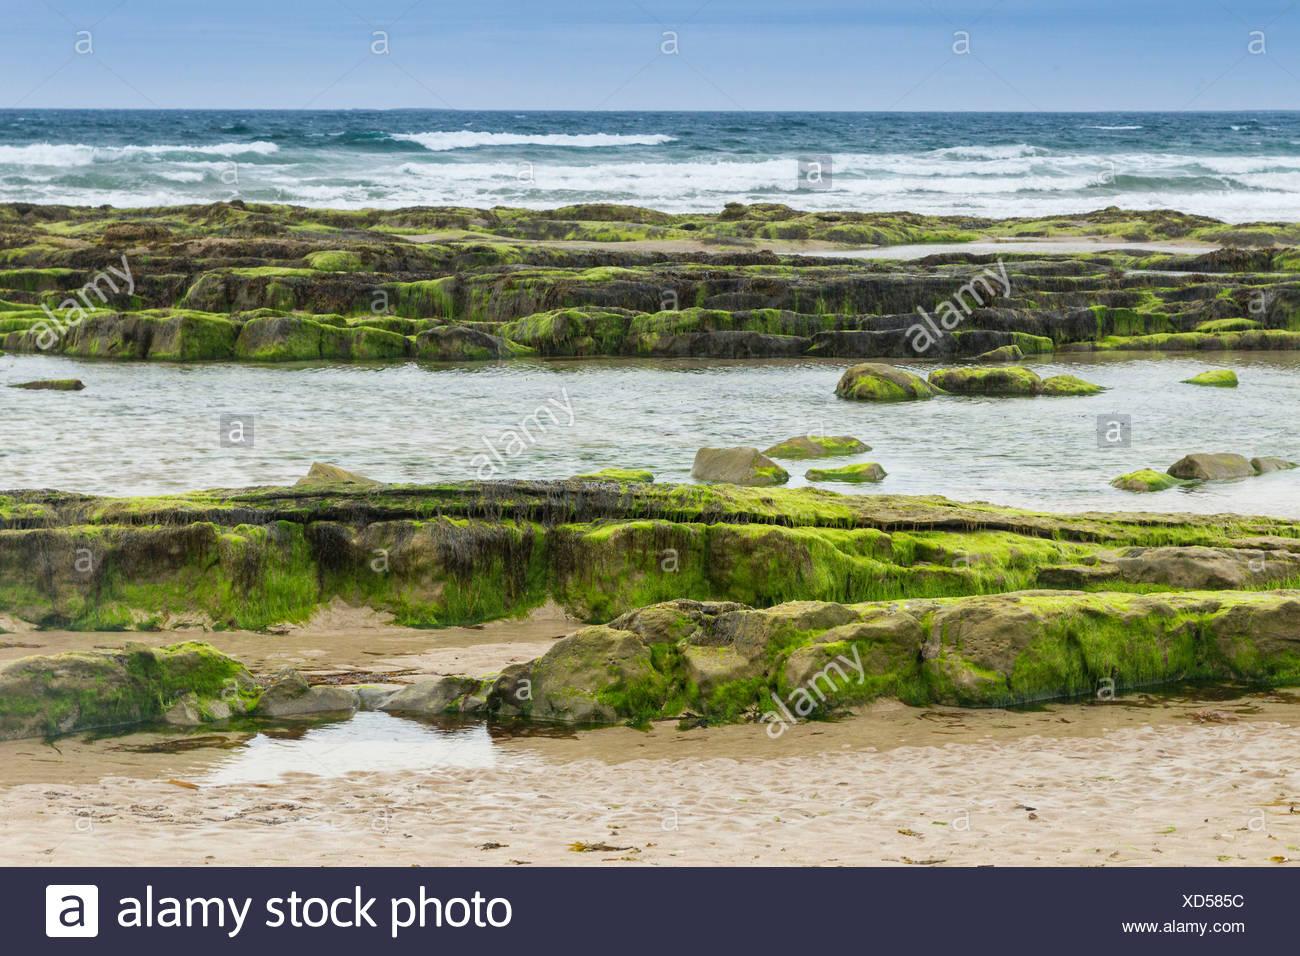 Coast at Seahouses, Northumberland, England, United Kingdom, Europe - Stock Image